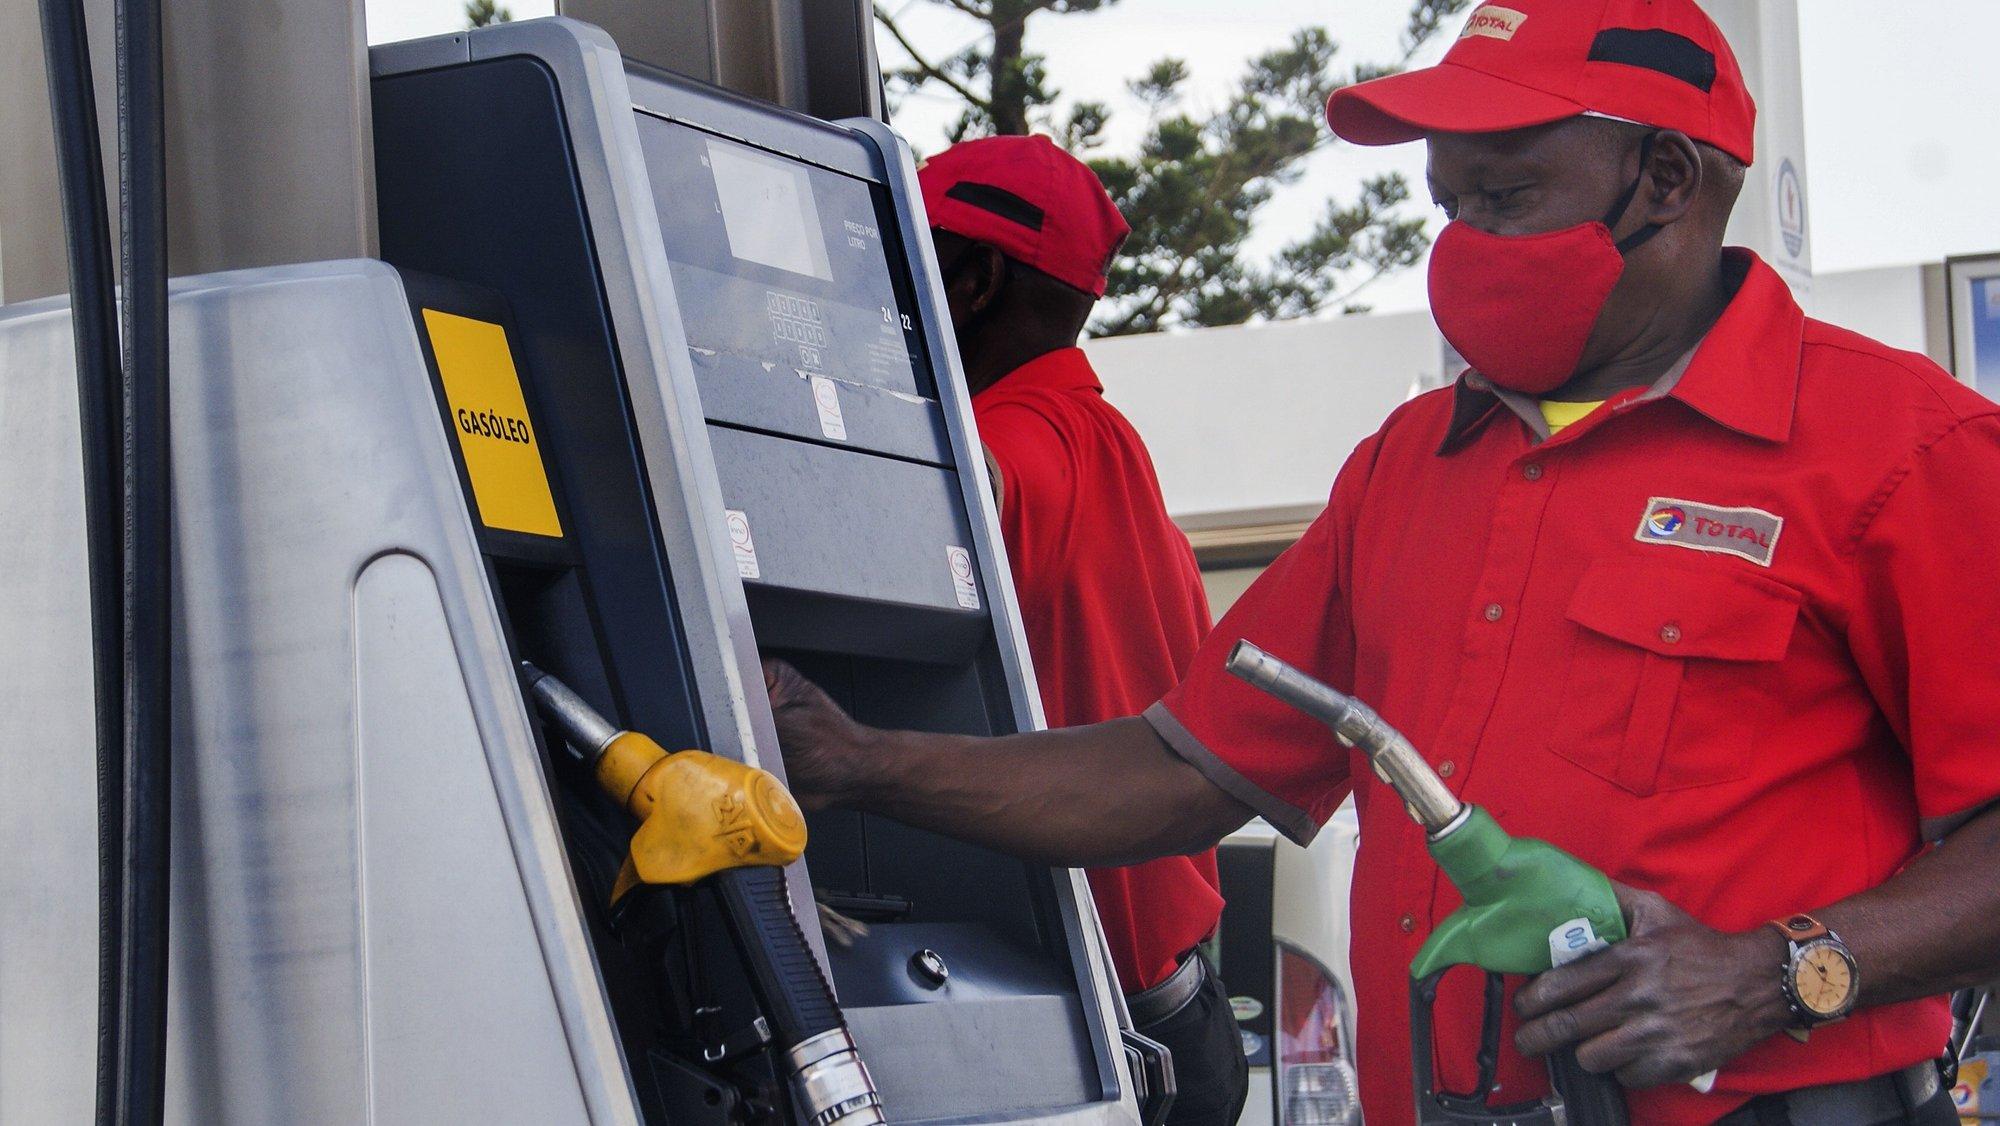 Subida de preços do combustível em Moçambique